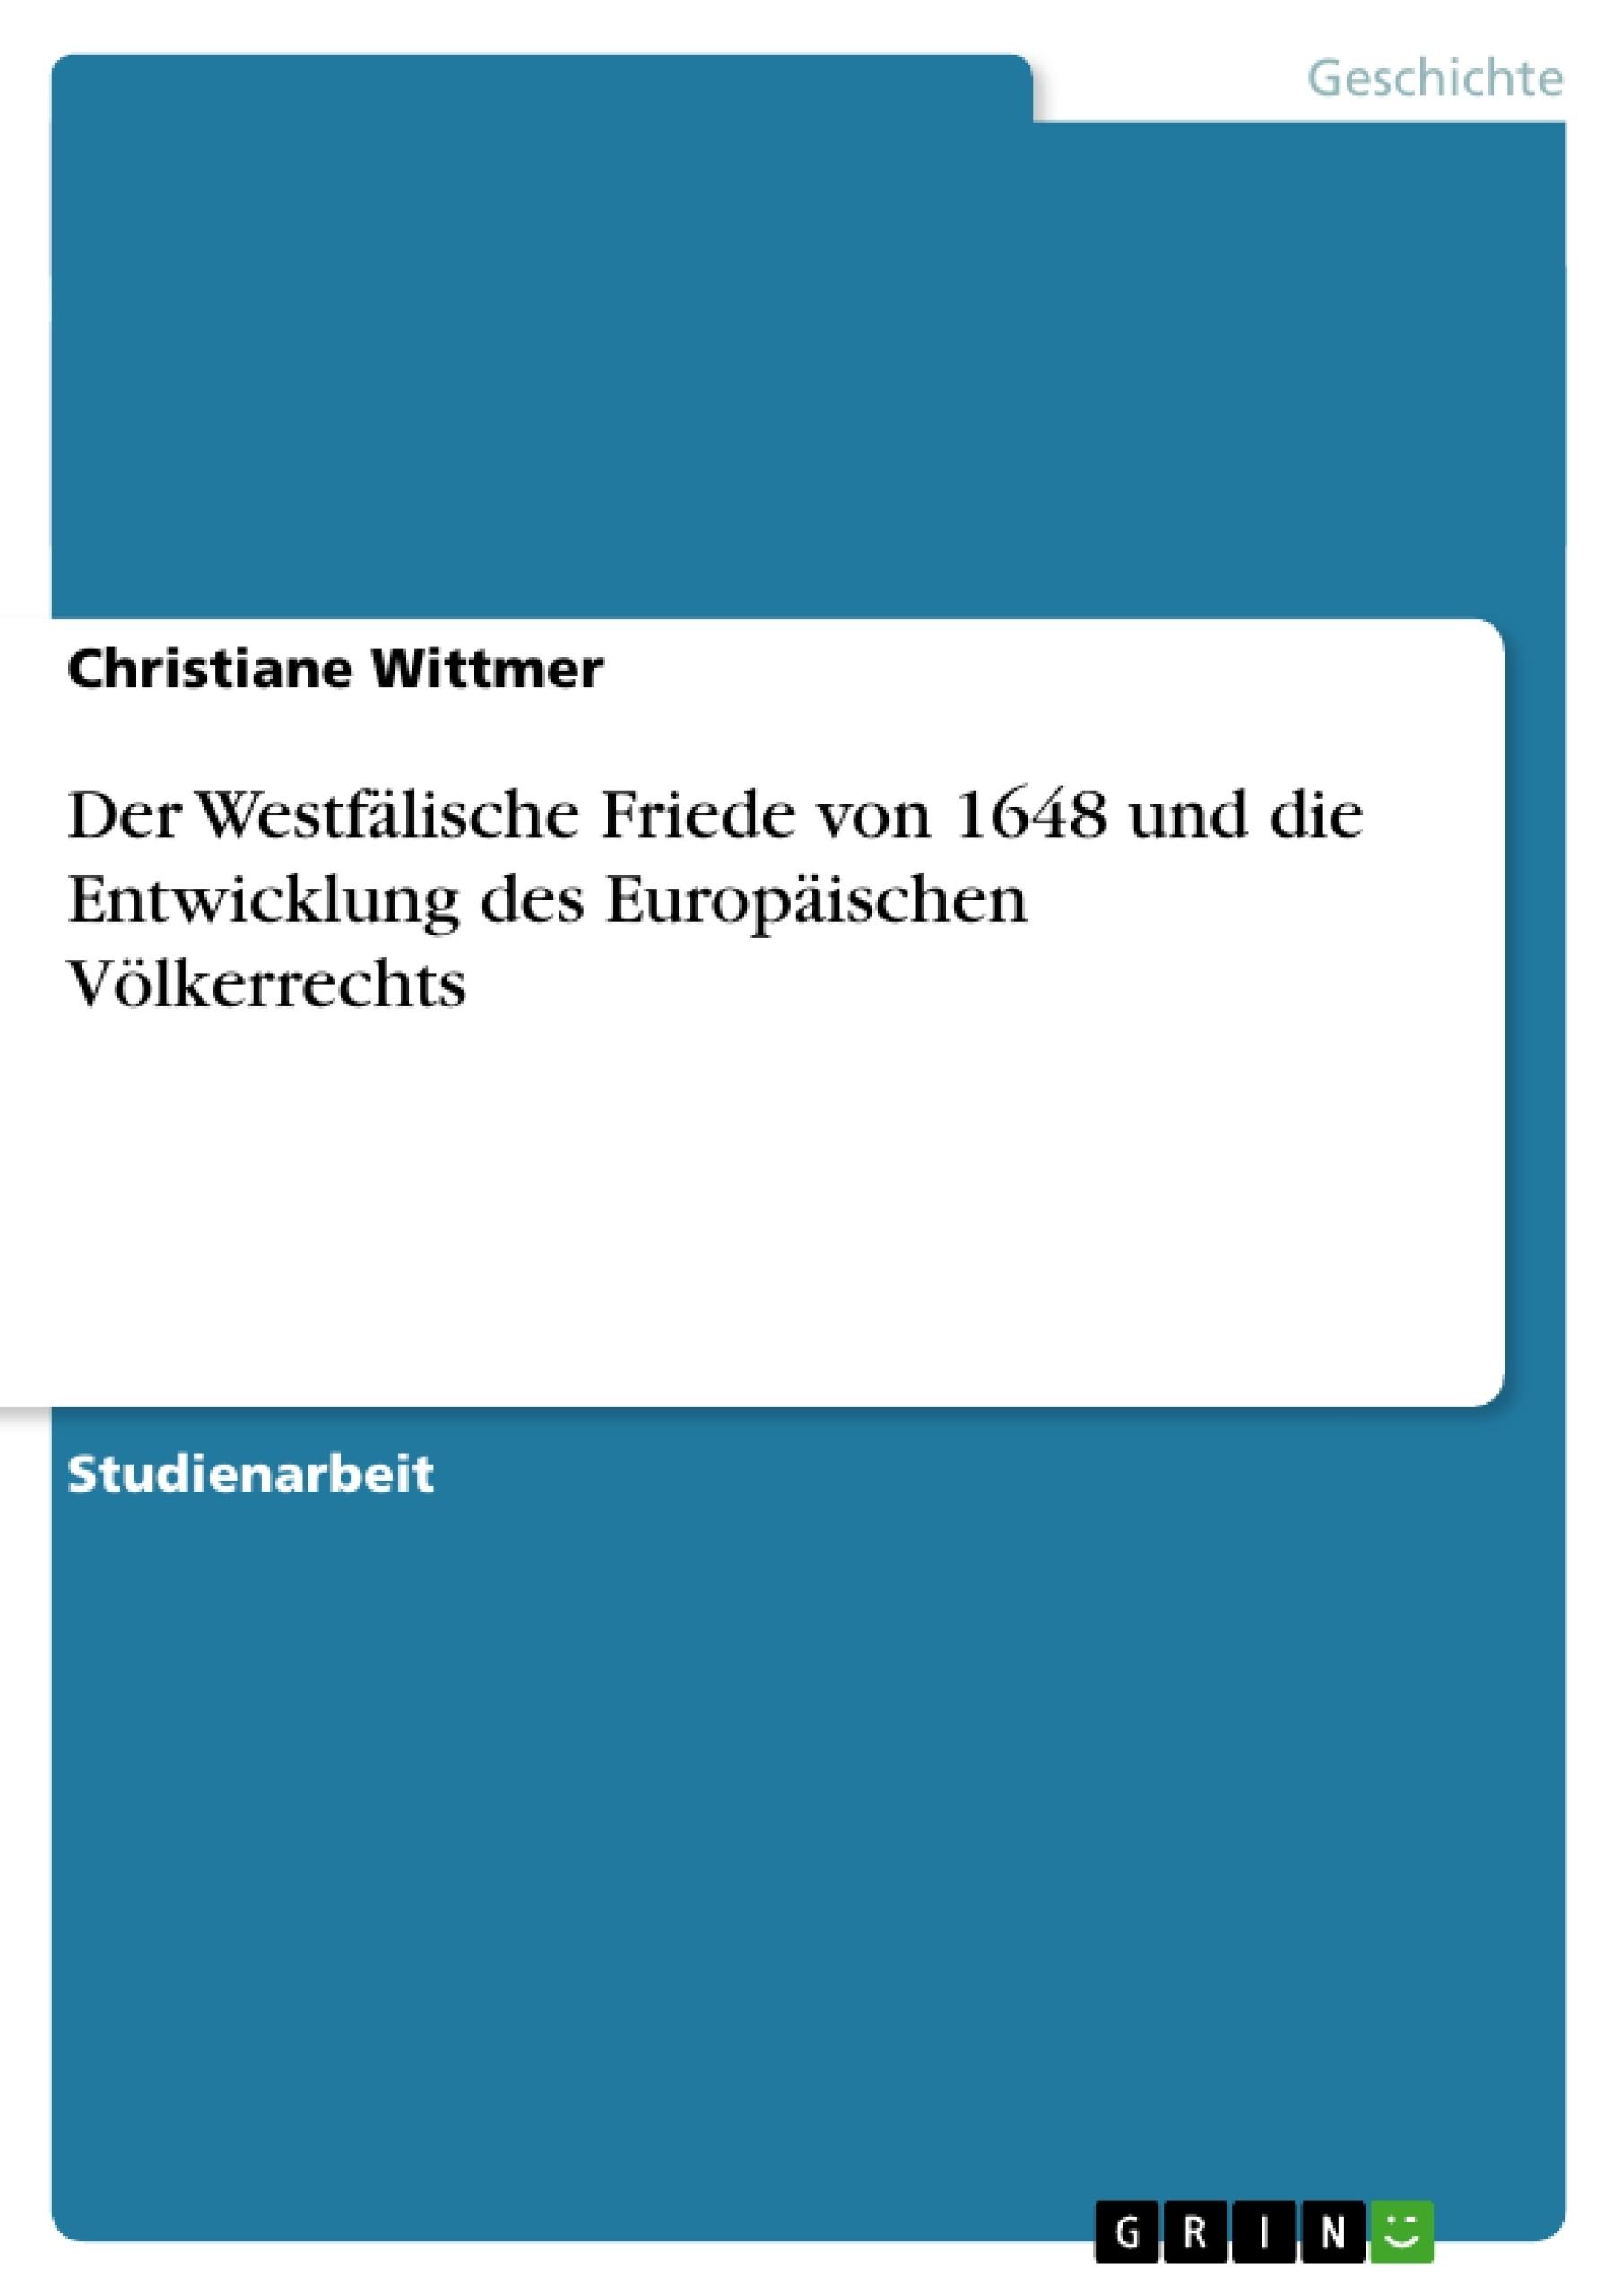 Titel: Der Westfälische Friede von 1648 und die Entwicklung des Europäischen Völkerrechts